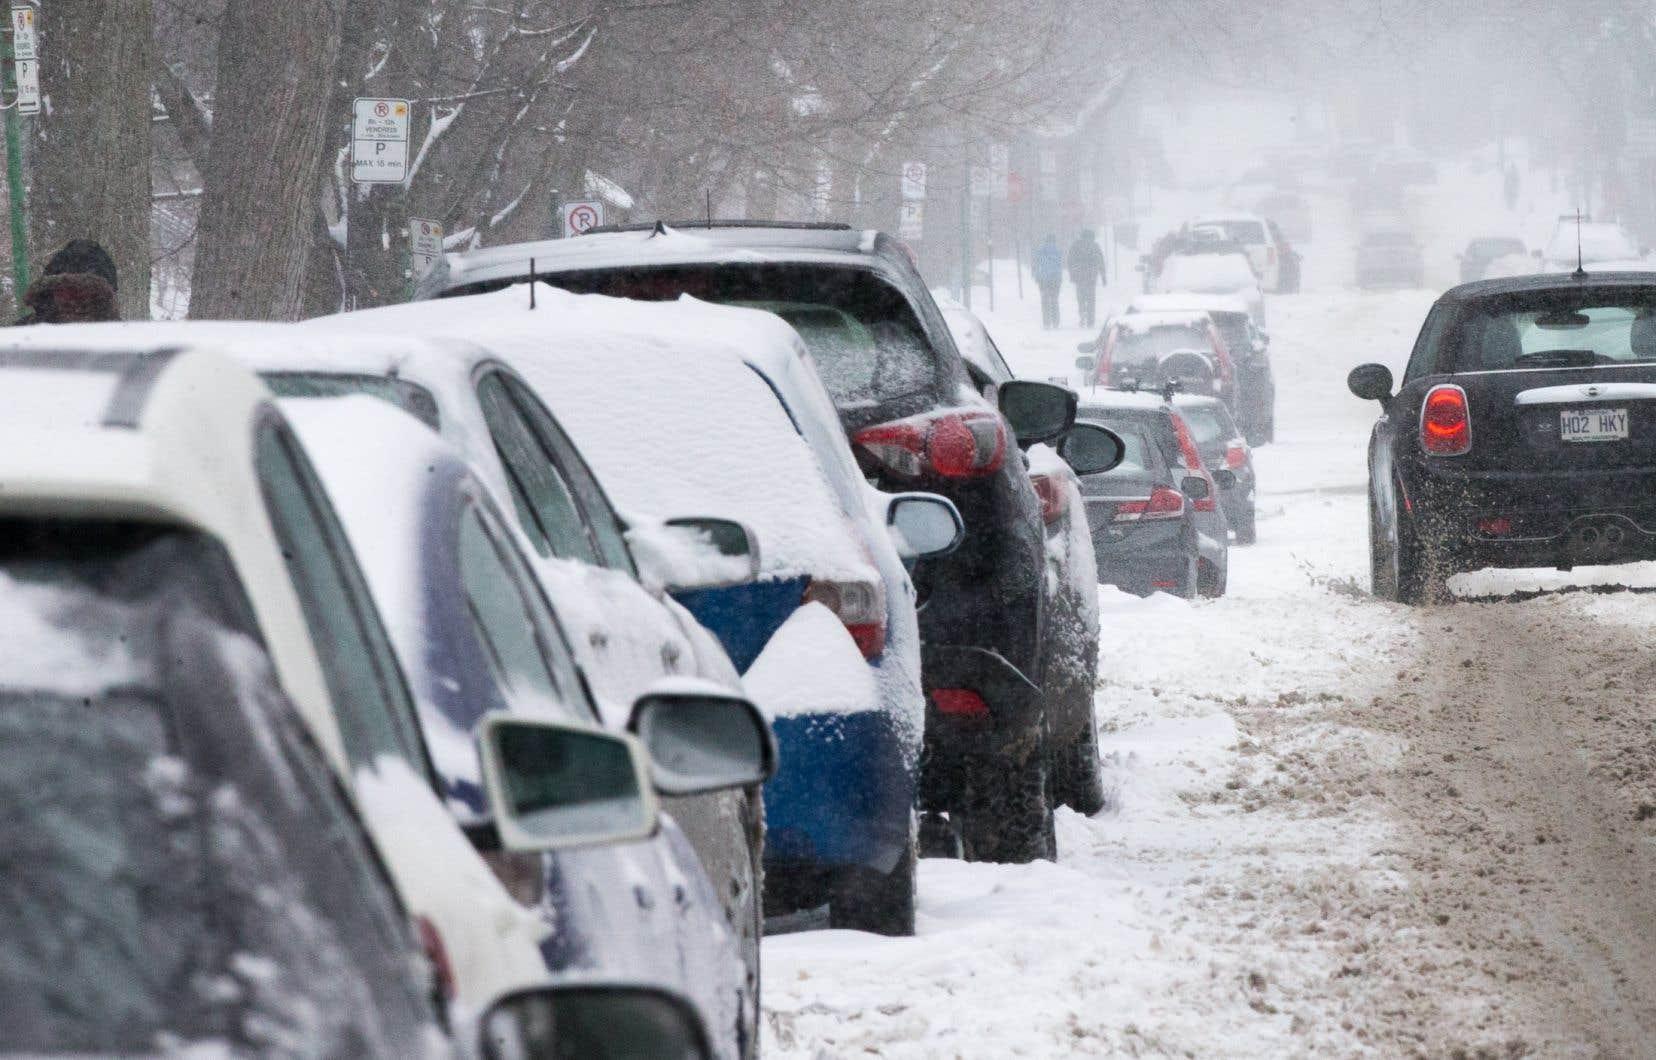 Le parc automobile gonfle sans cesse, avec 65% de plus de véhicules neufs depuis 1990.